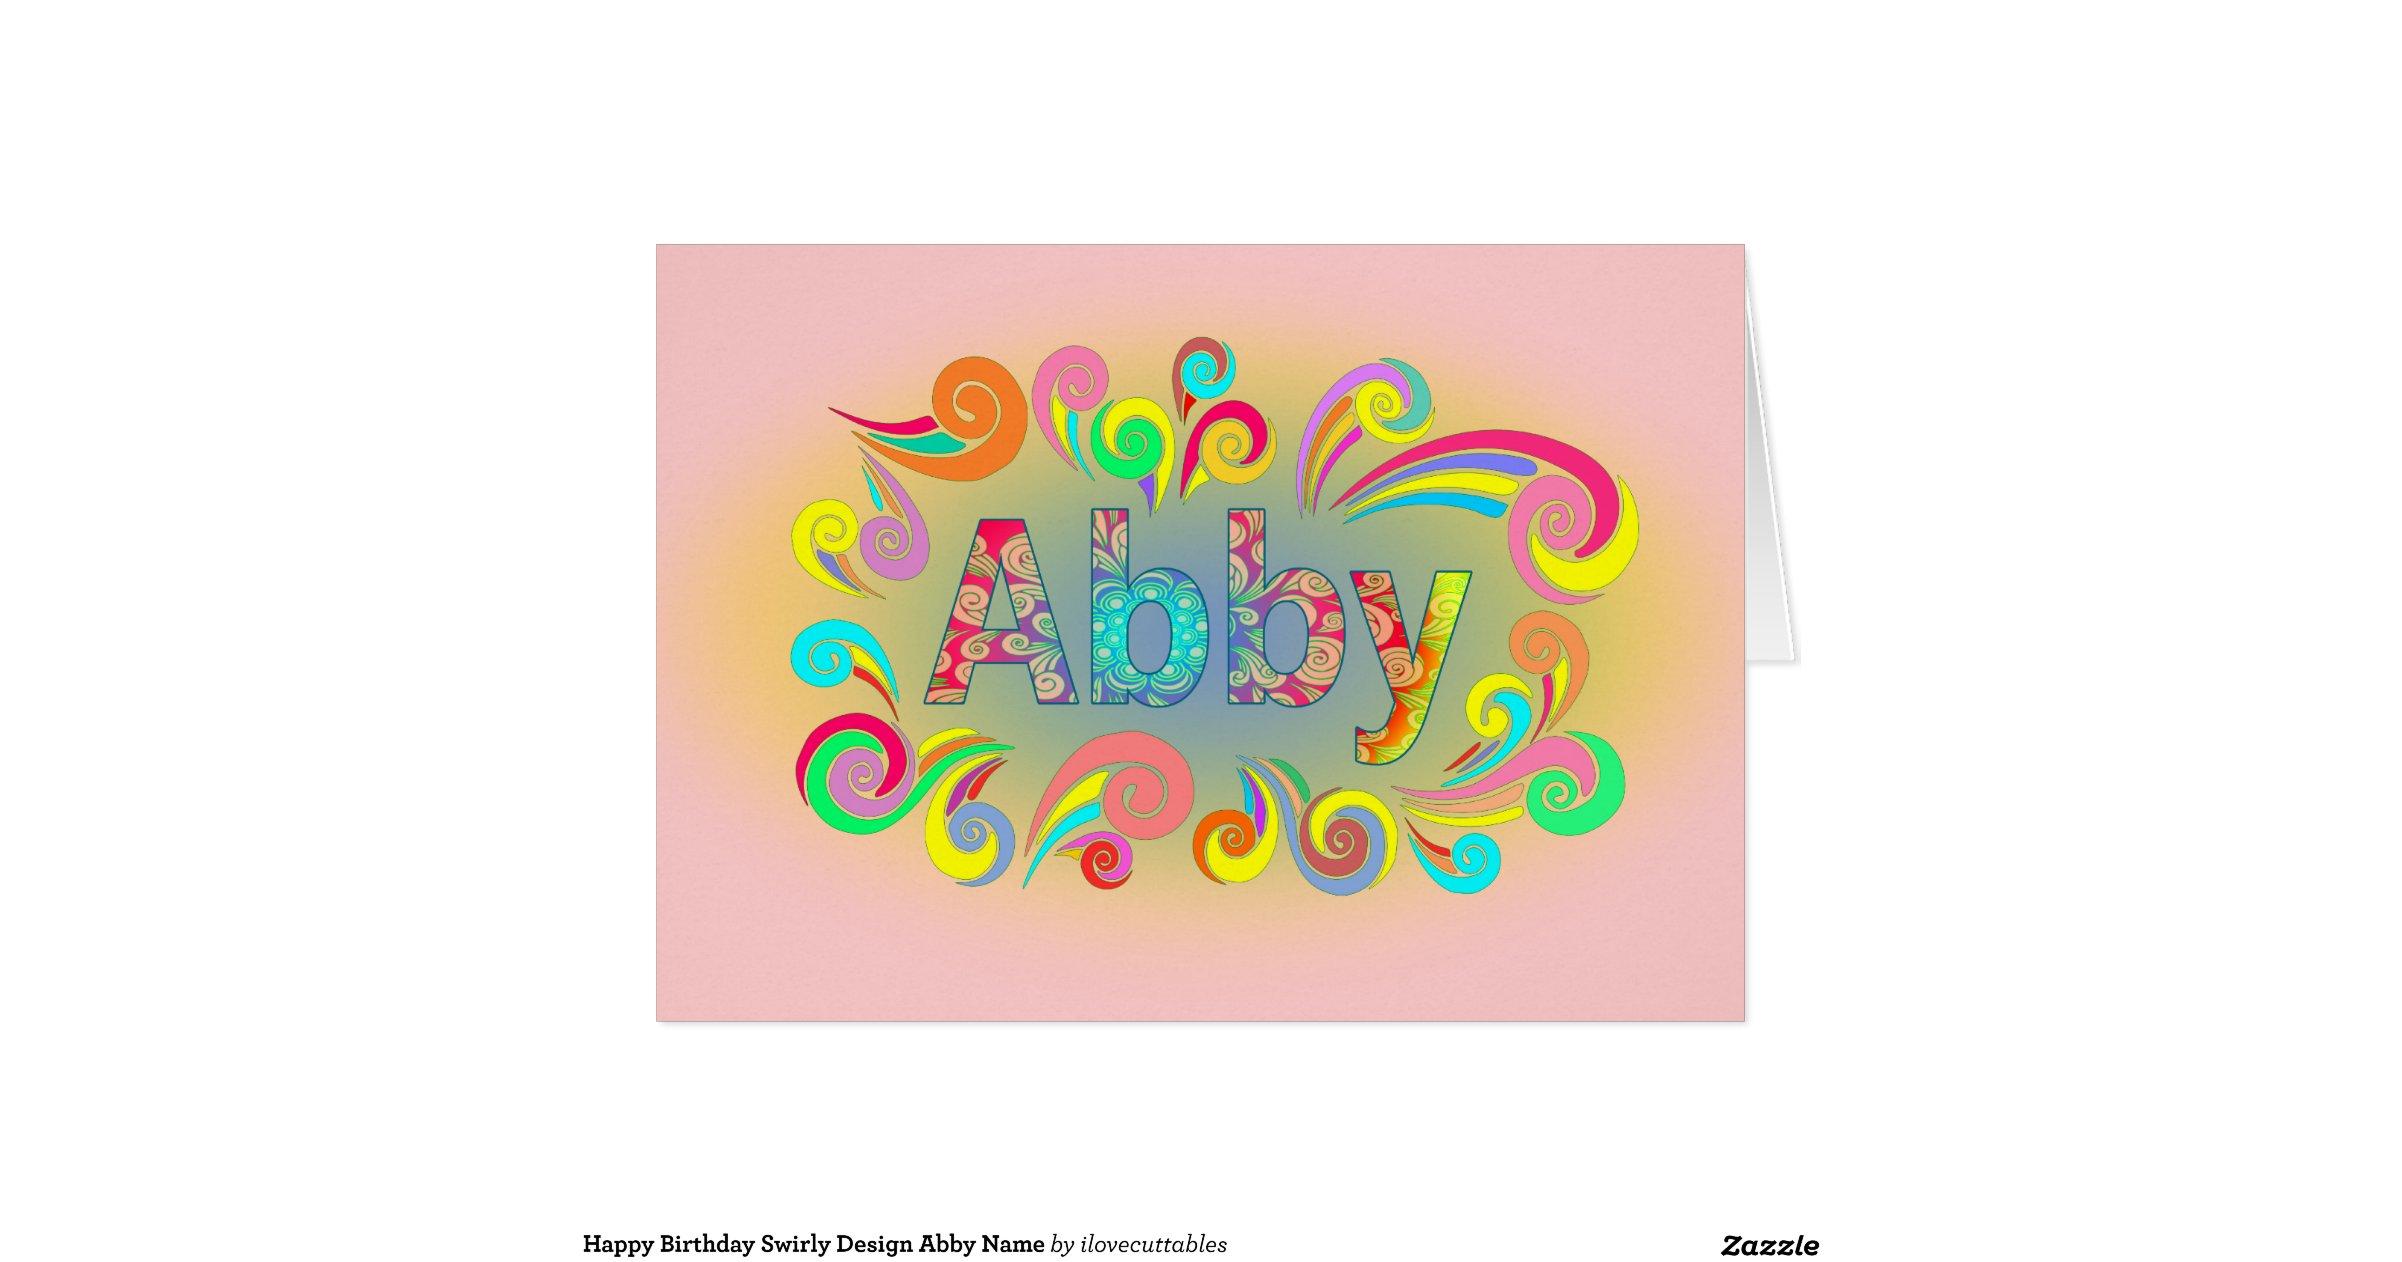 Happy Birthday Swirly Design Abby Name Greeting Card Zazzle